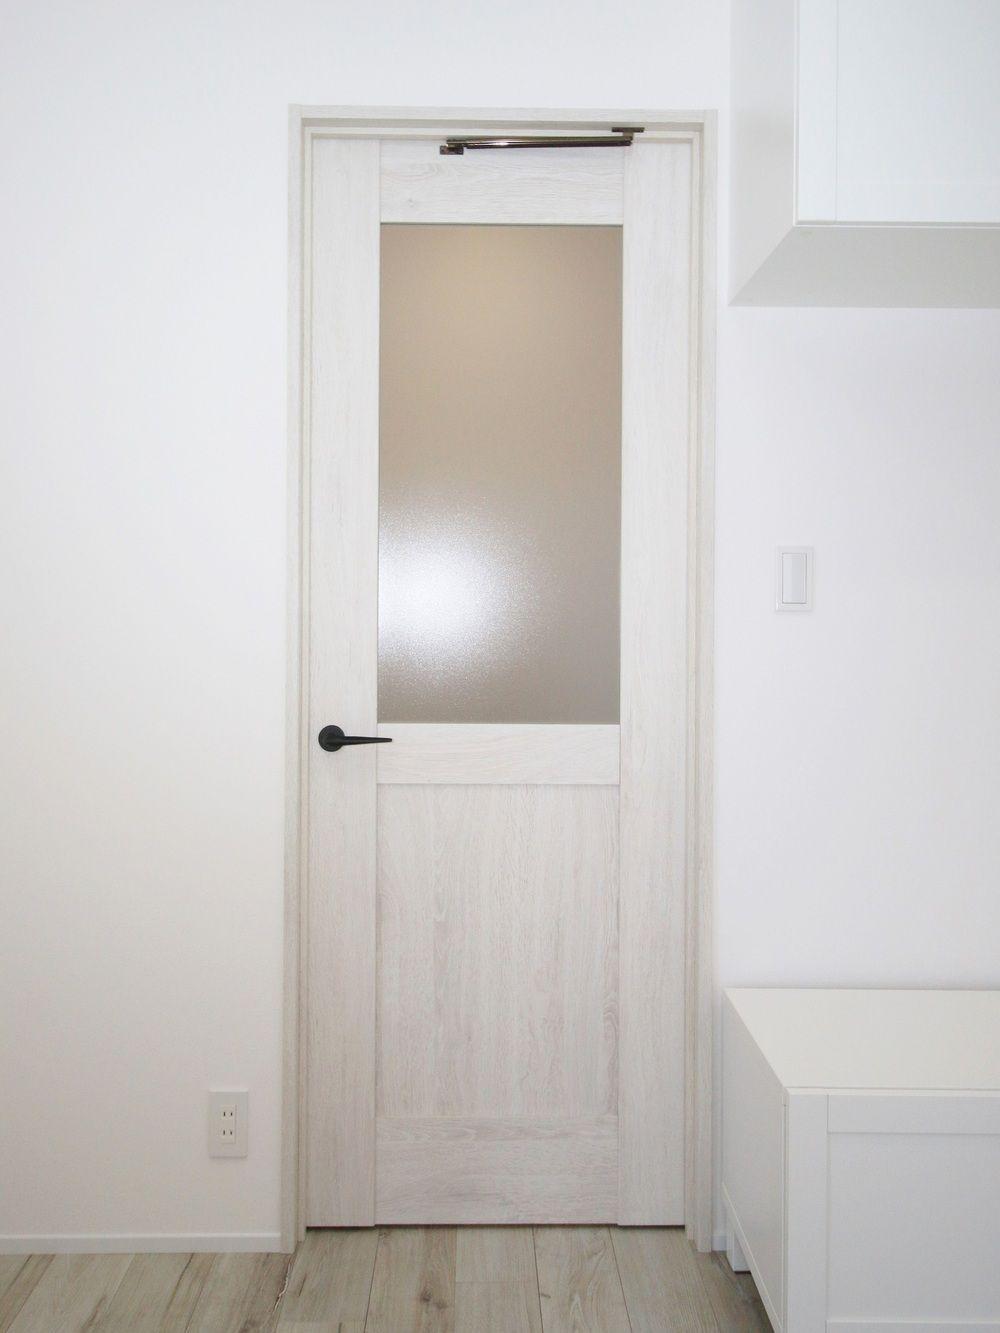 Panasonicのベリティス片開きlb型 ホワイトオーク柄 おしゃれ